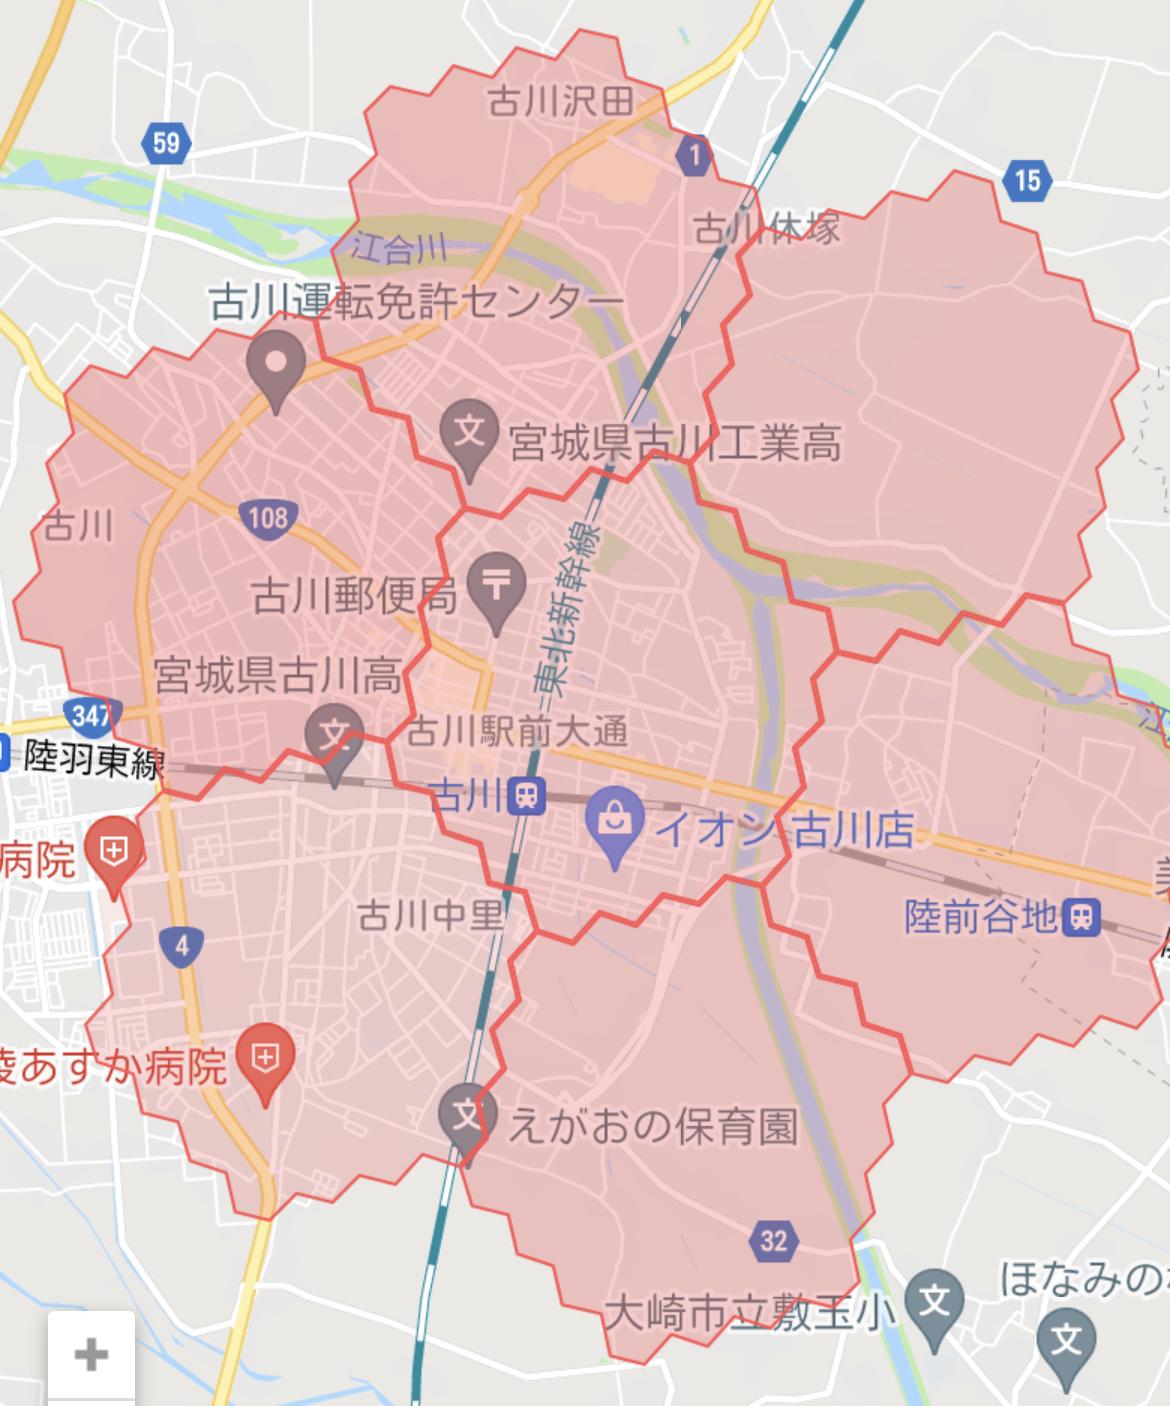 仙台|menu(メニュー)の配達エリア